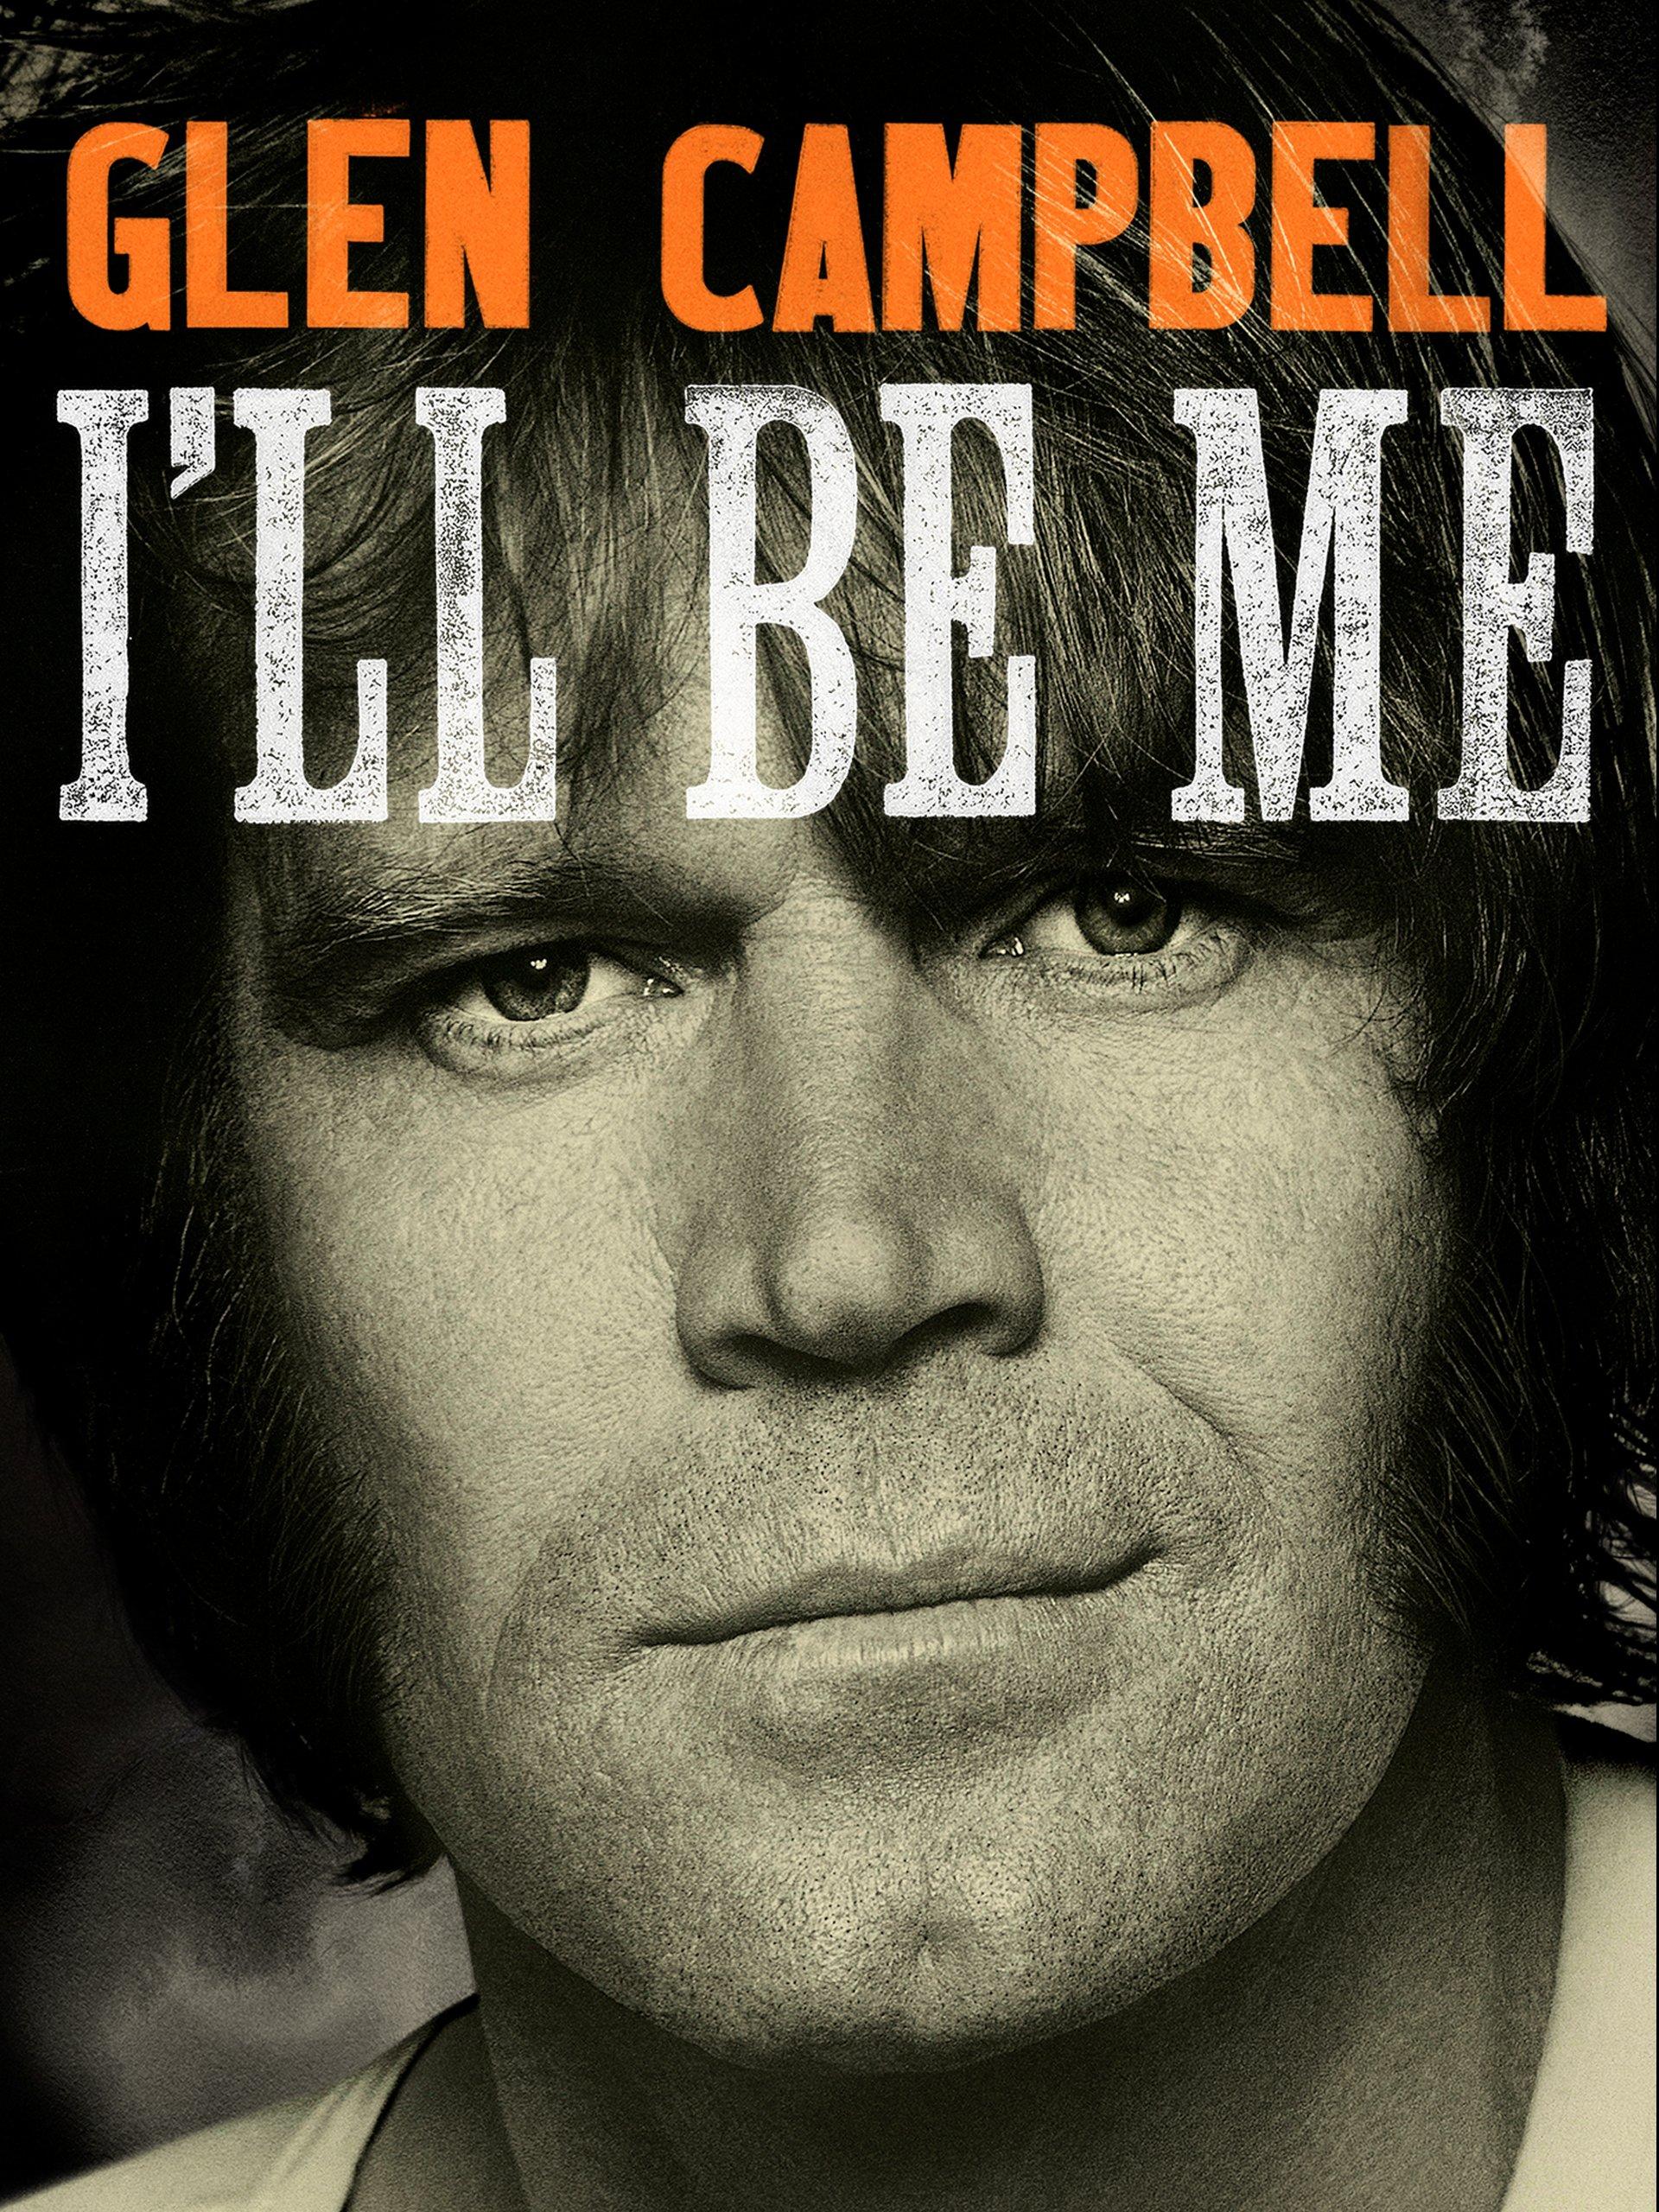 Glen Campbell I'll Be Me, portada del libro